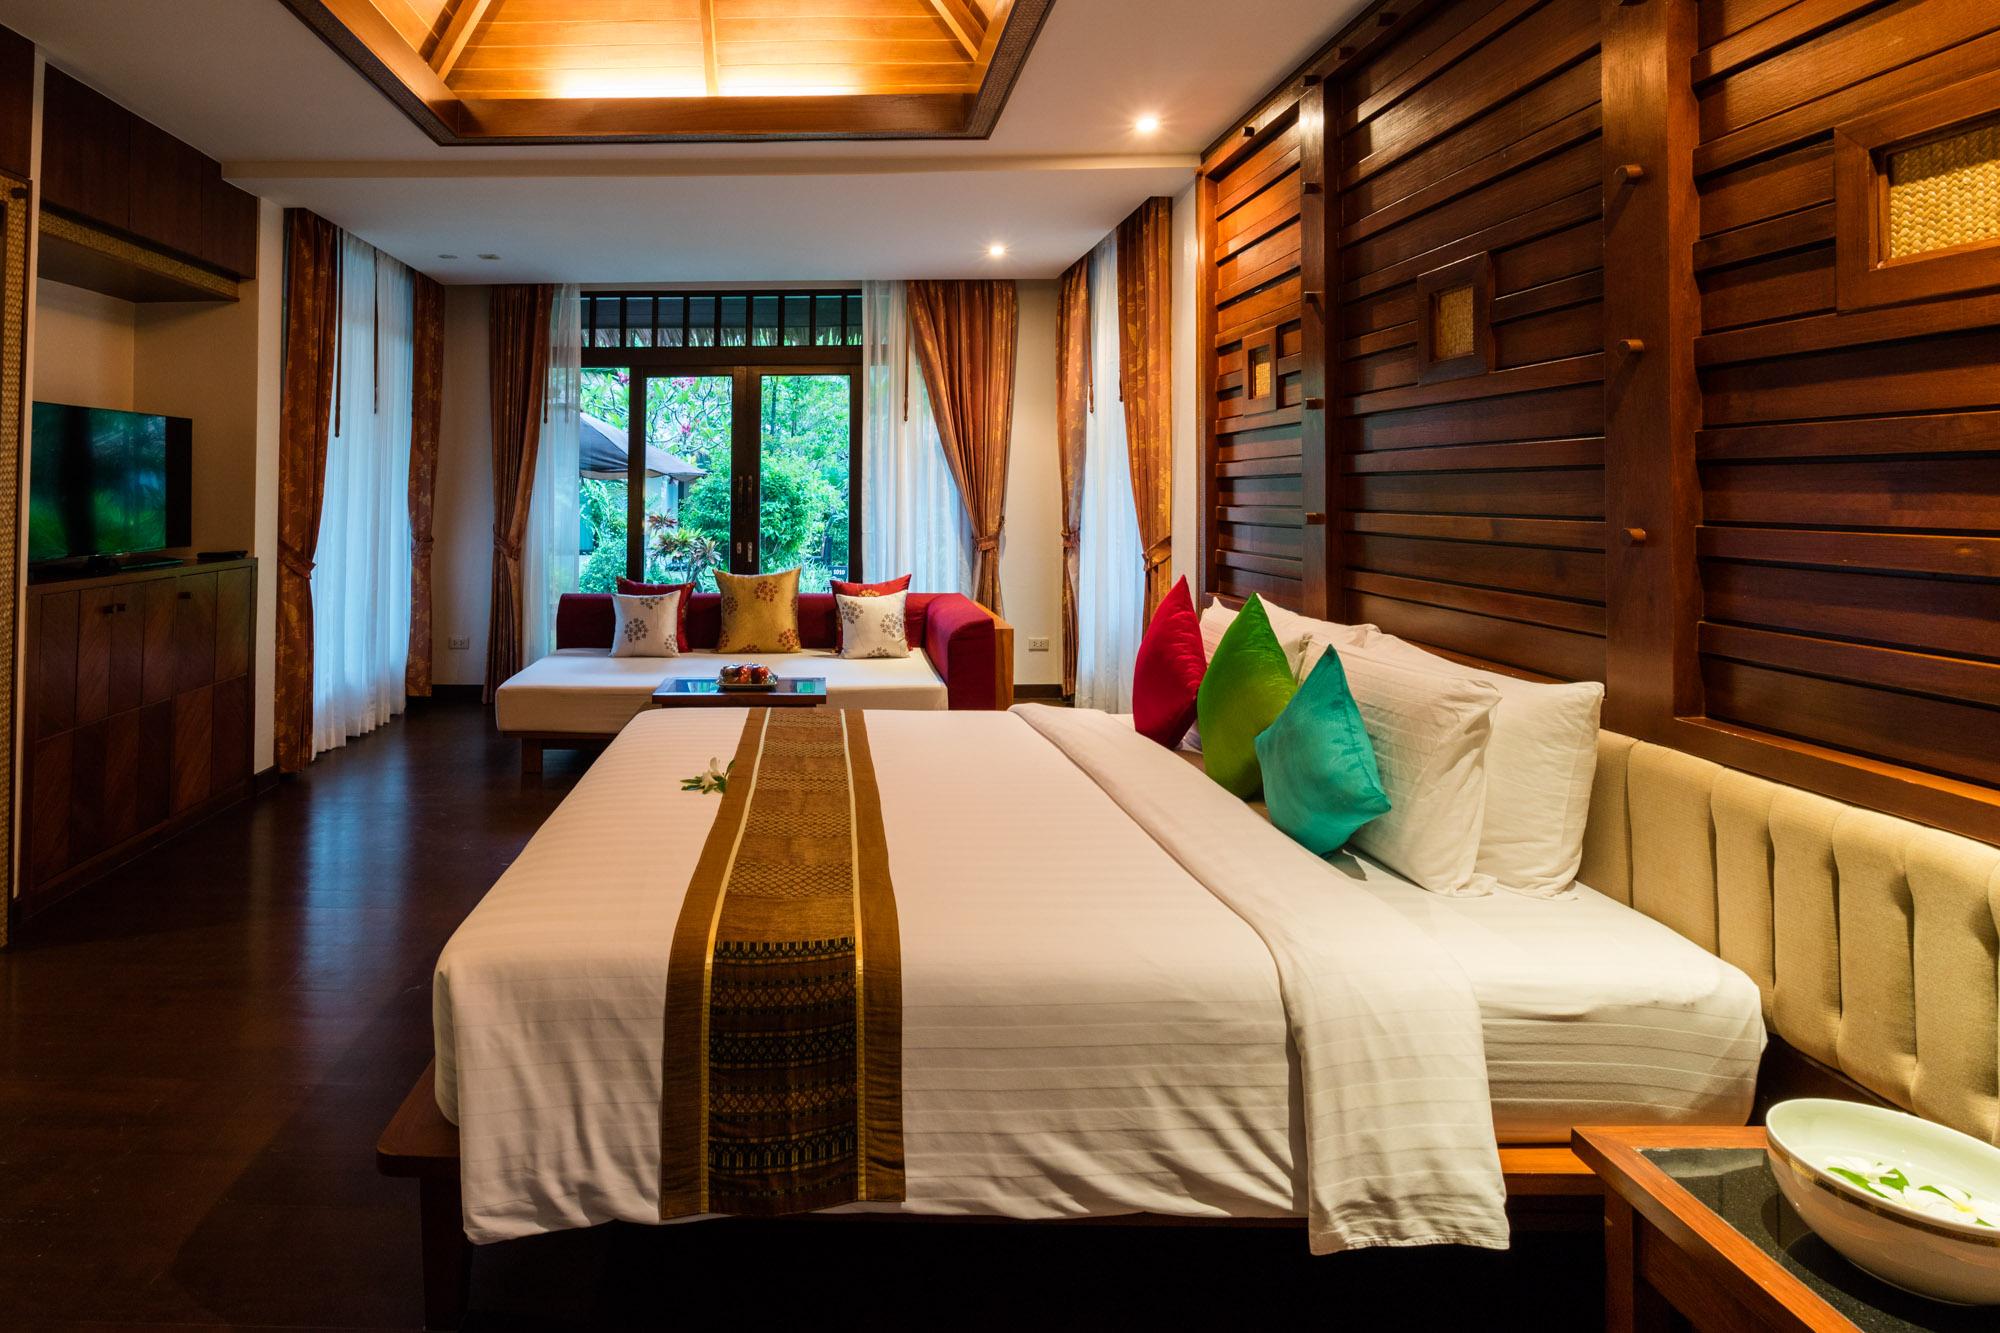 Halal Hotel Review Krabi  ไร่เลย์ วิลเลจ รีสอร์ท แอนด์ สปา Railay Village Resort กระบี่ IMG 9159